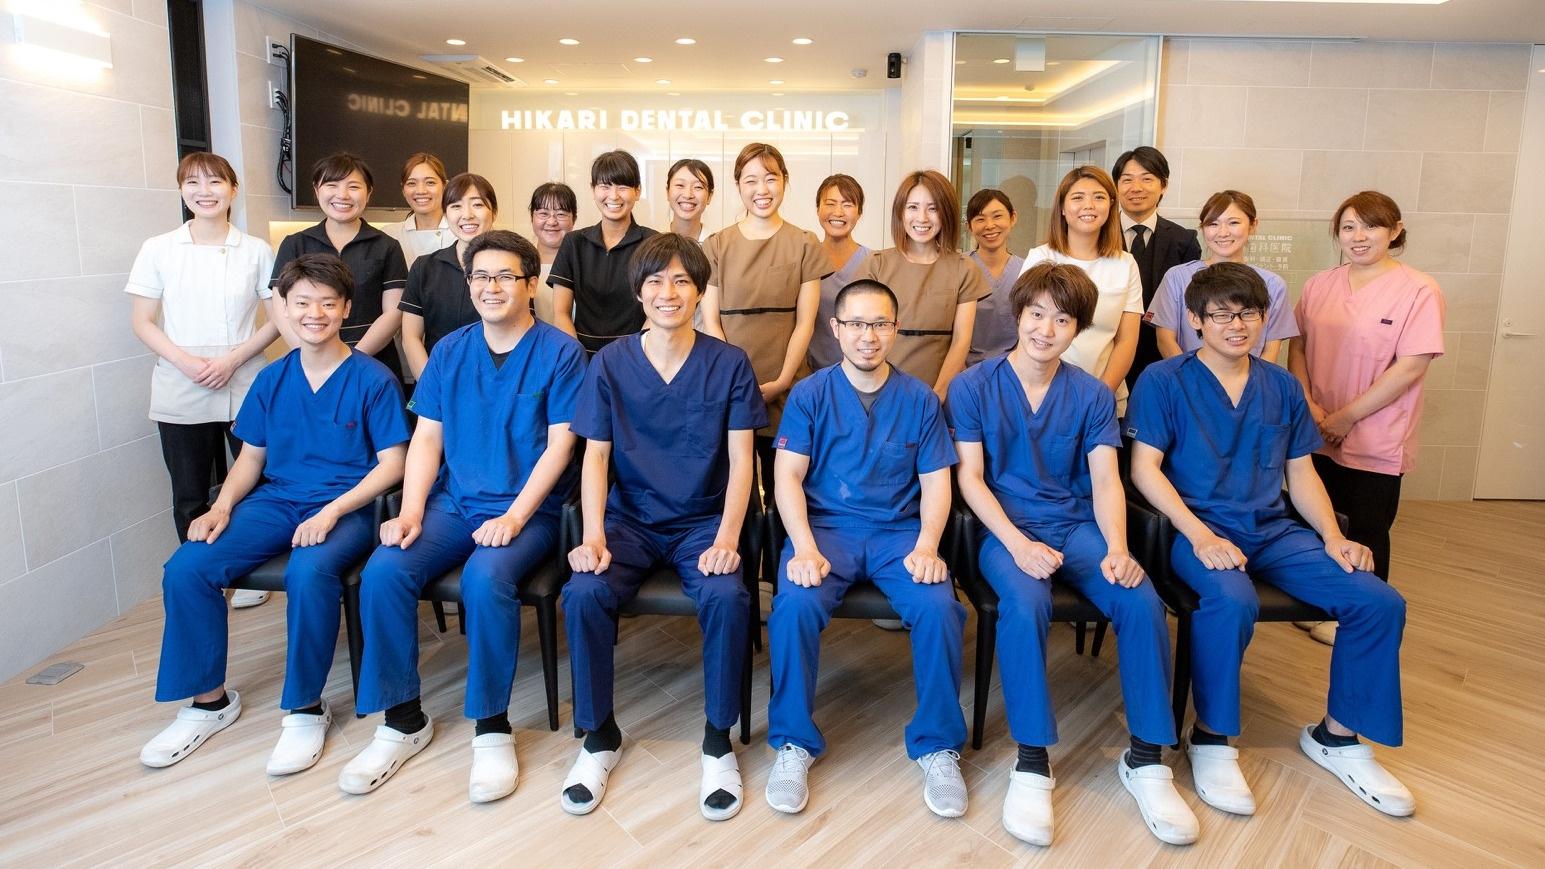 ここ から 一 番 近い 歯医者